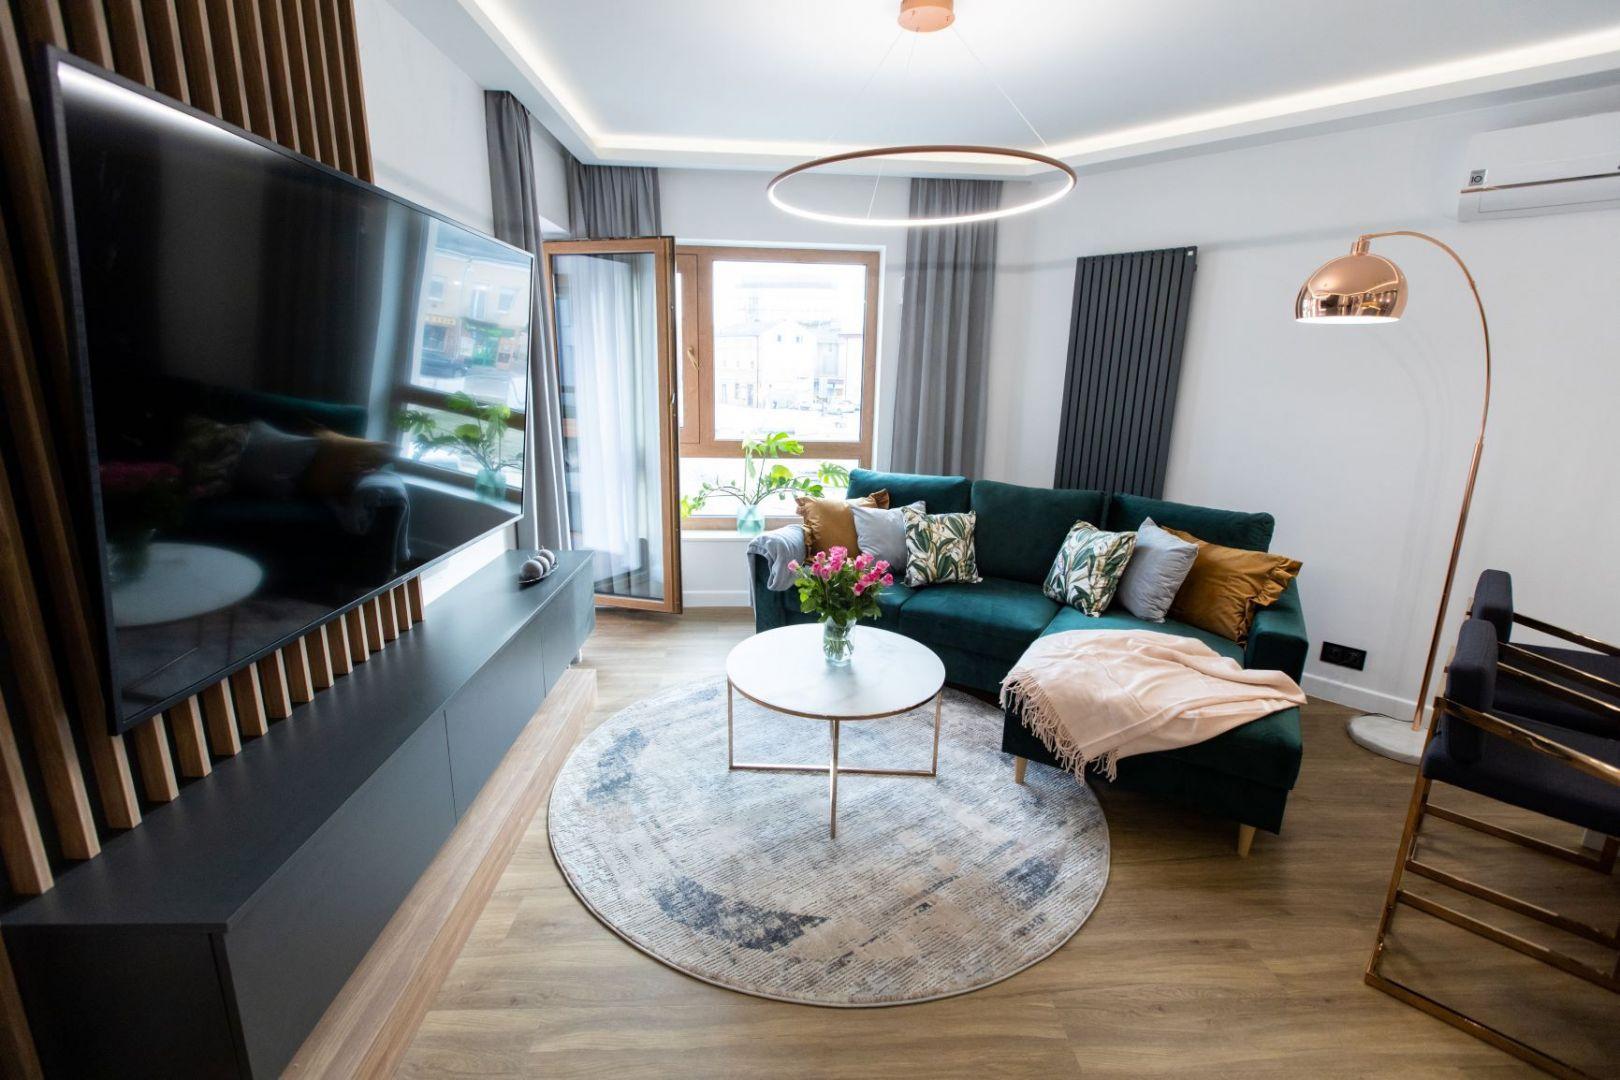 W tym salonie projektantka postawiła na szare zasłony i dywan oraz poduszki w kolorach natury oraz kontrastowe musztardowe. Autorka projektu: Malwina Kuzera. Fot. Piotr Seweryn, SewiMedia